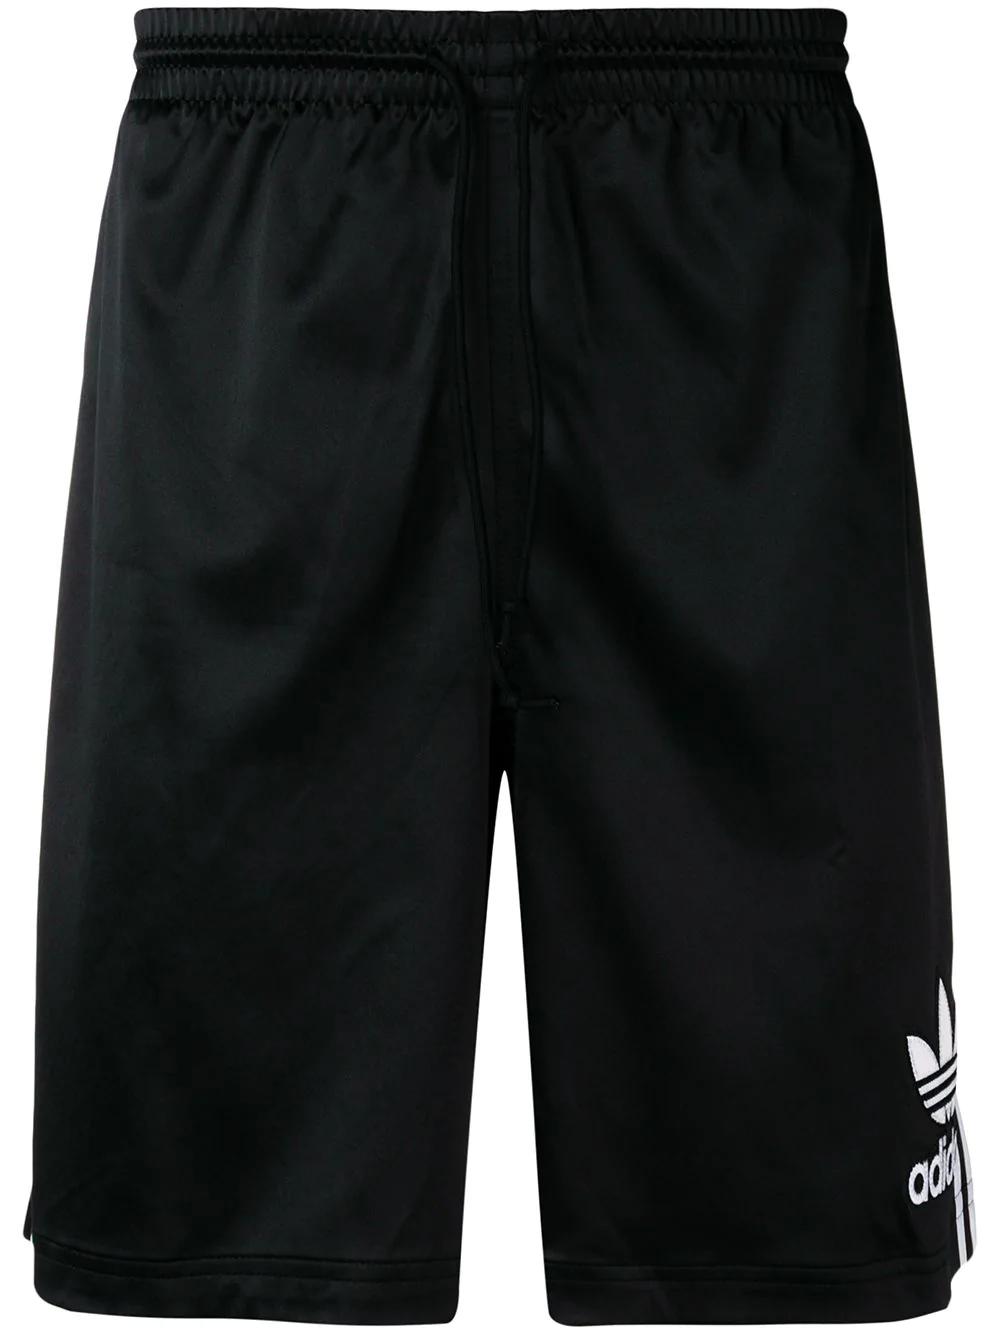 4ead48e738 Adidas Originals Adidas Shorts In Satinoptik - Schwarz In Black ...